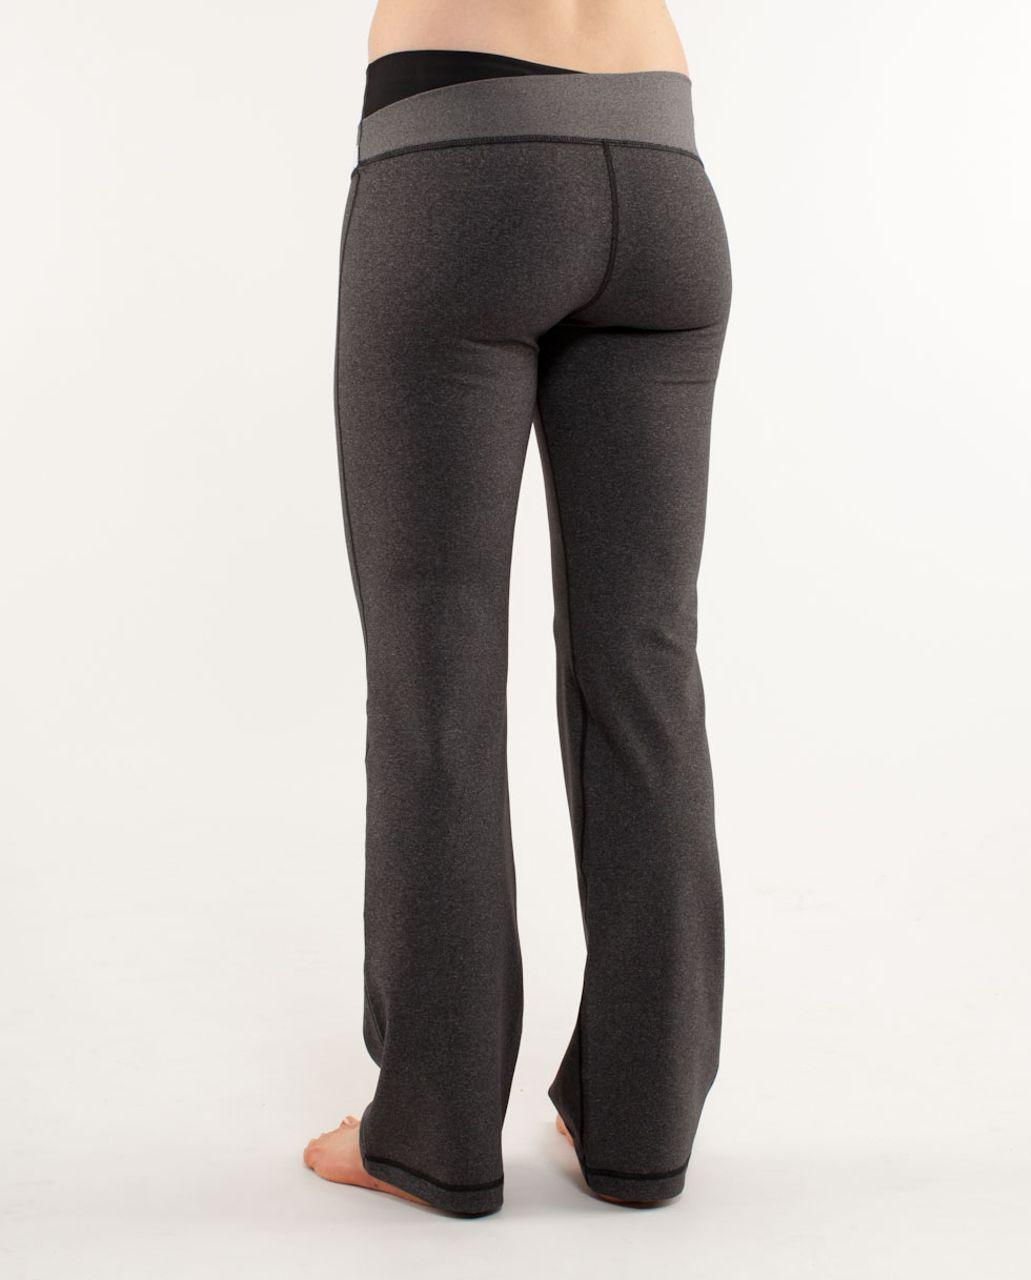 Lululemon Astro Pant (Regular) - Heathered Black /  Black